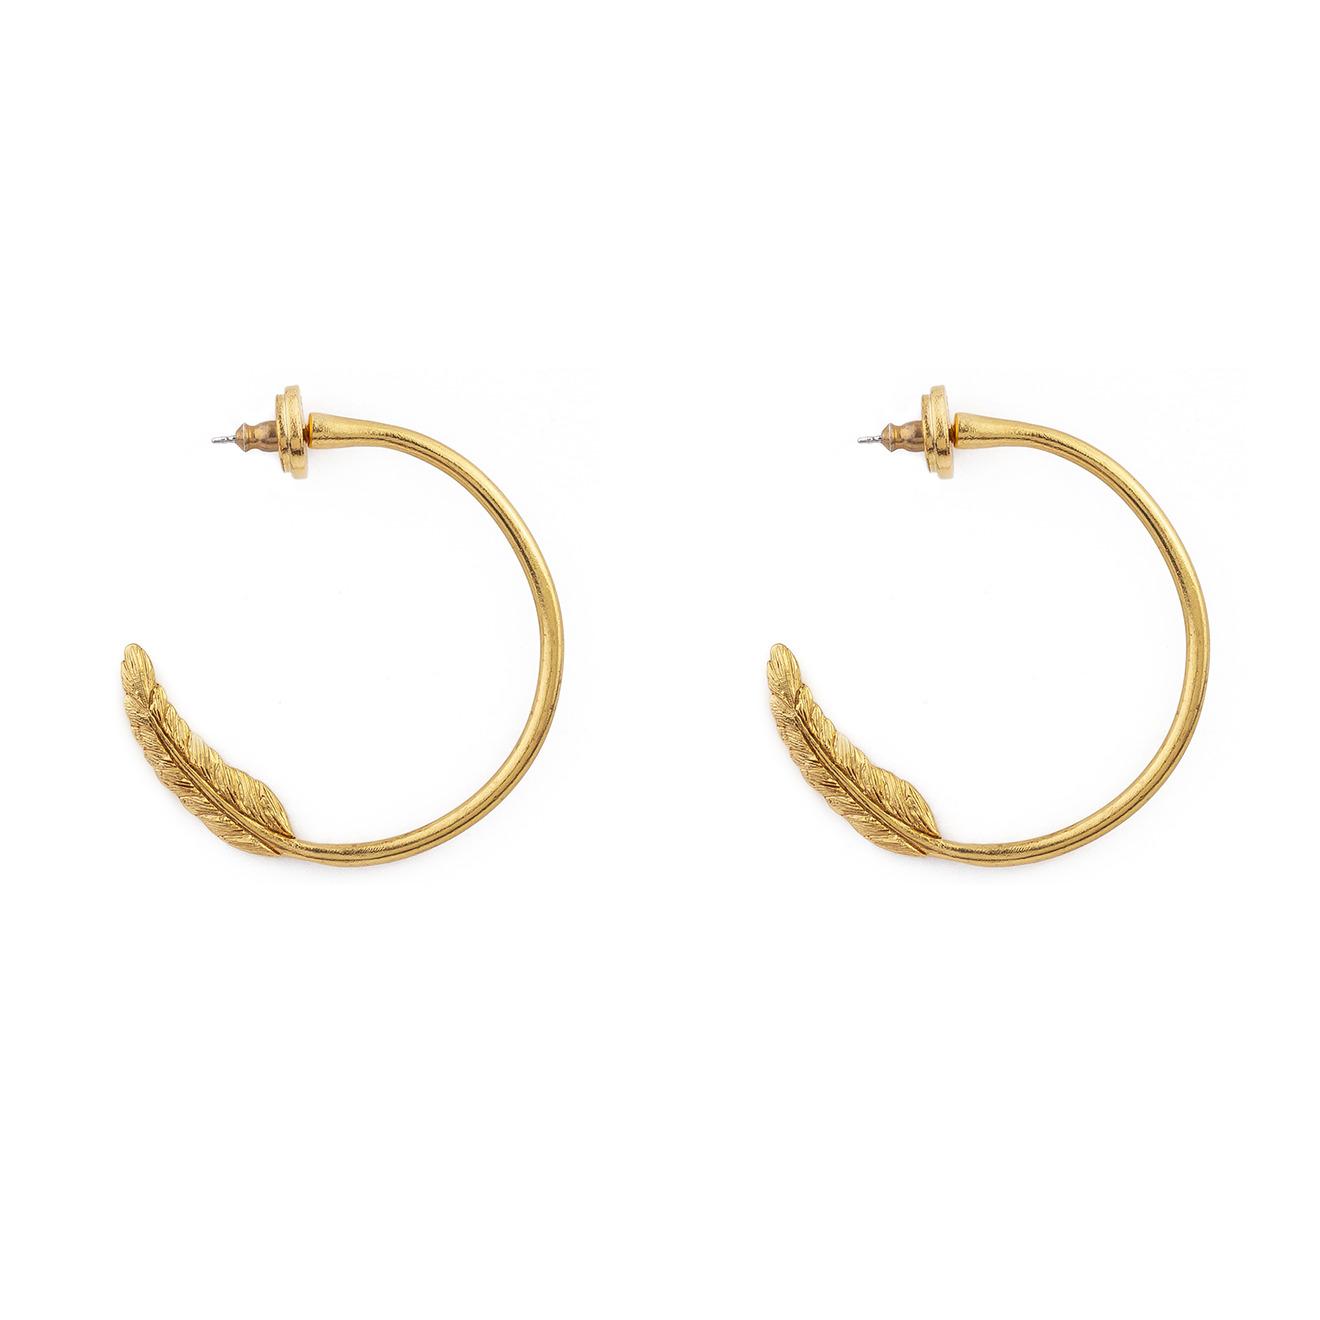 Oscar de la Renta Золотистые серьги-кольца с перьями